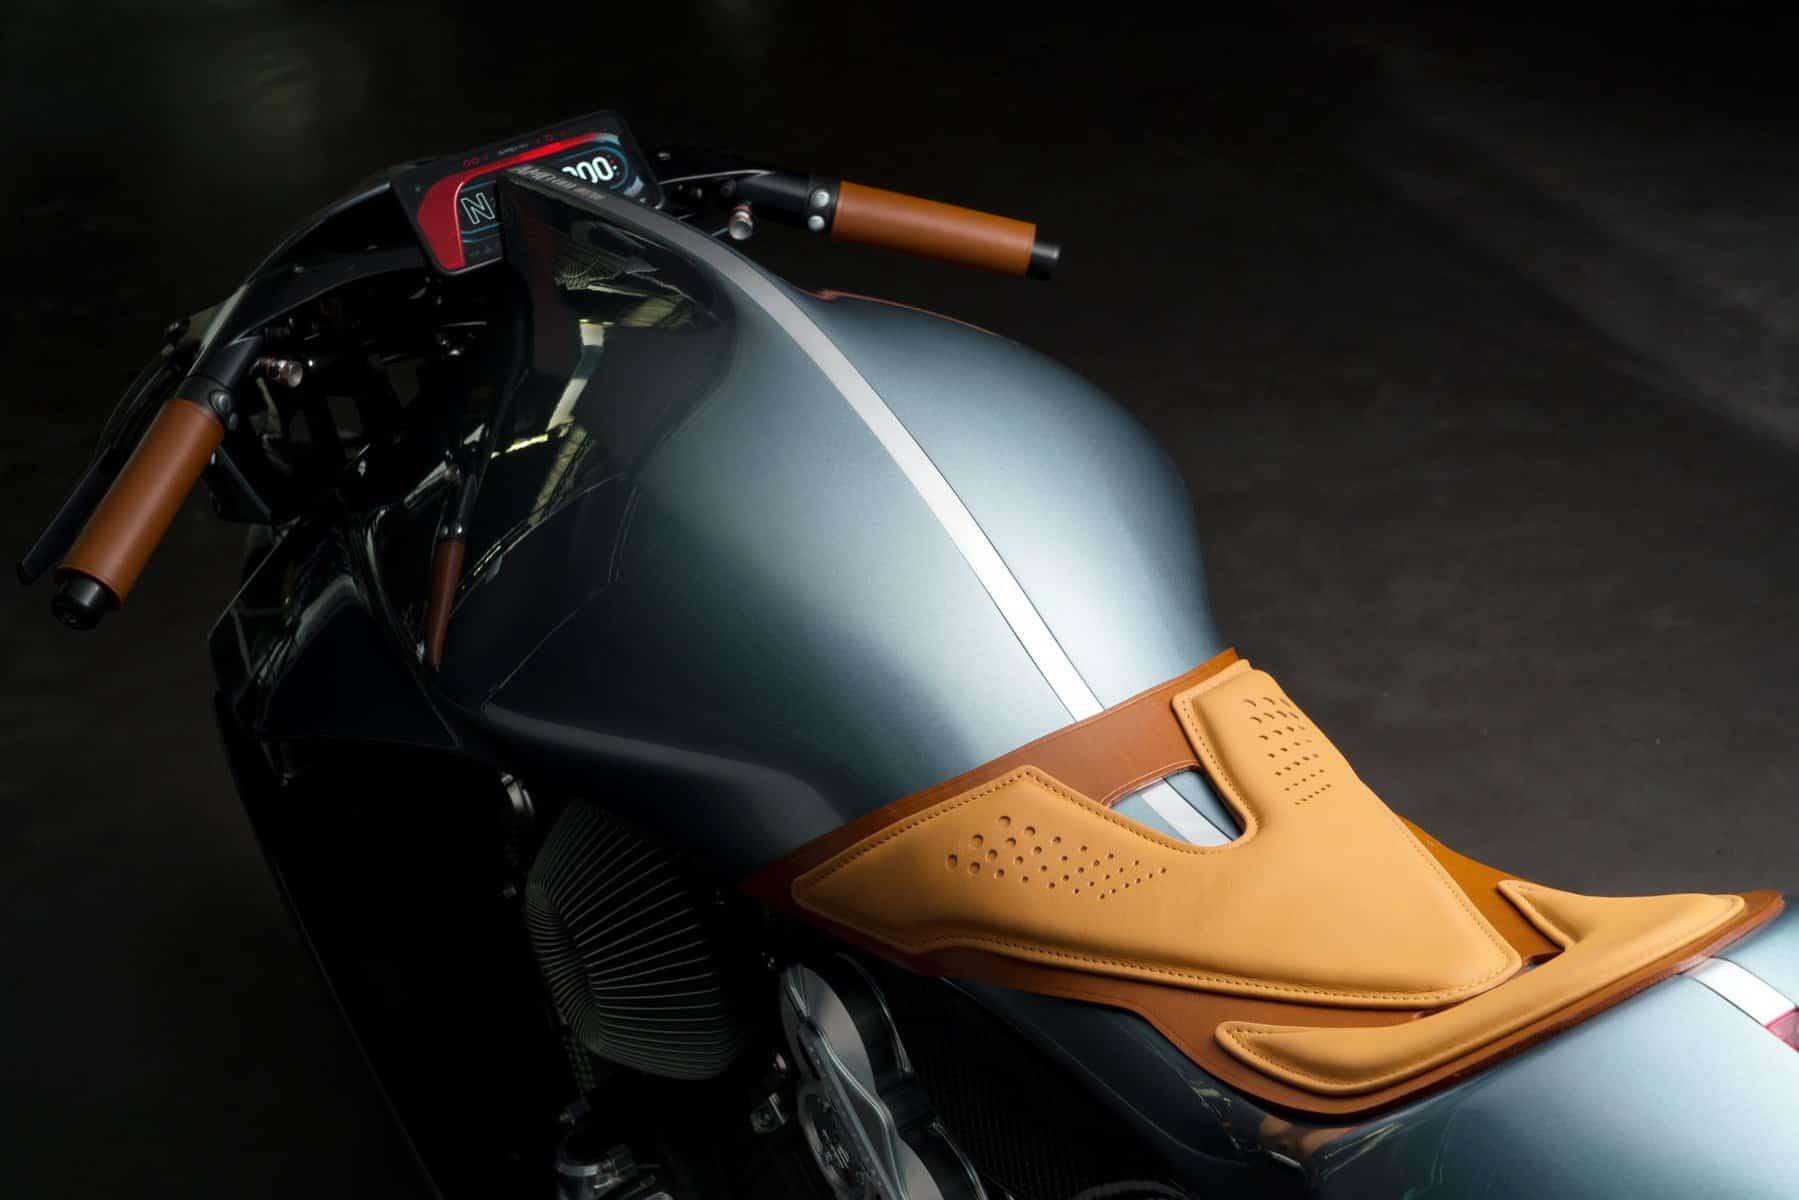 Aston Martin Motorcycle 4